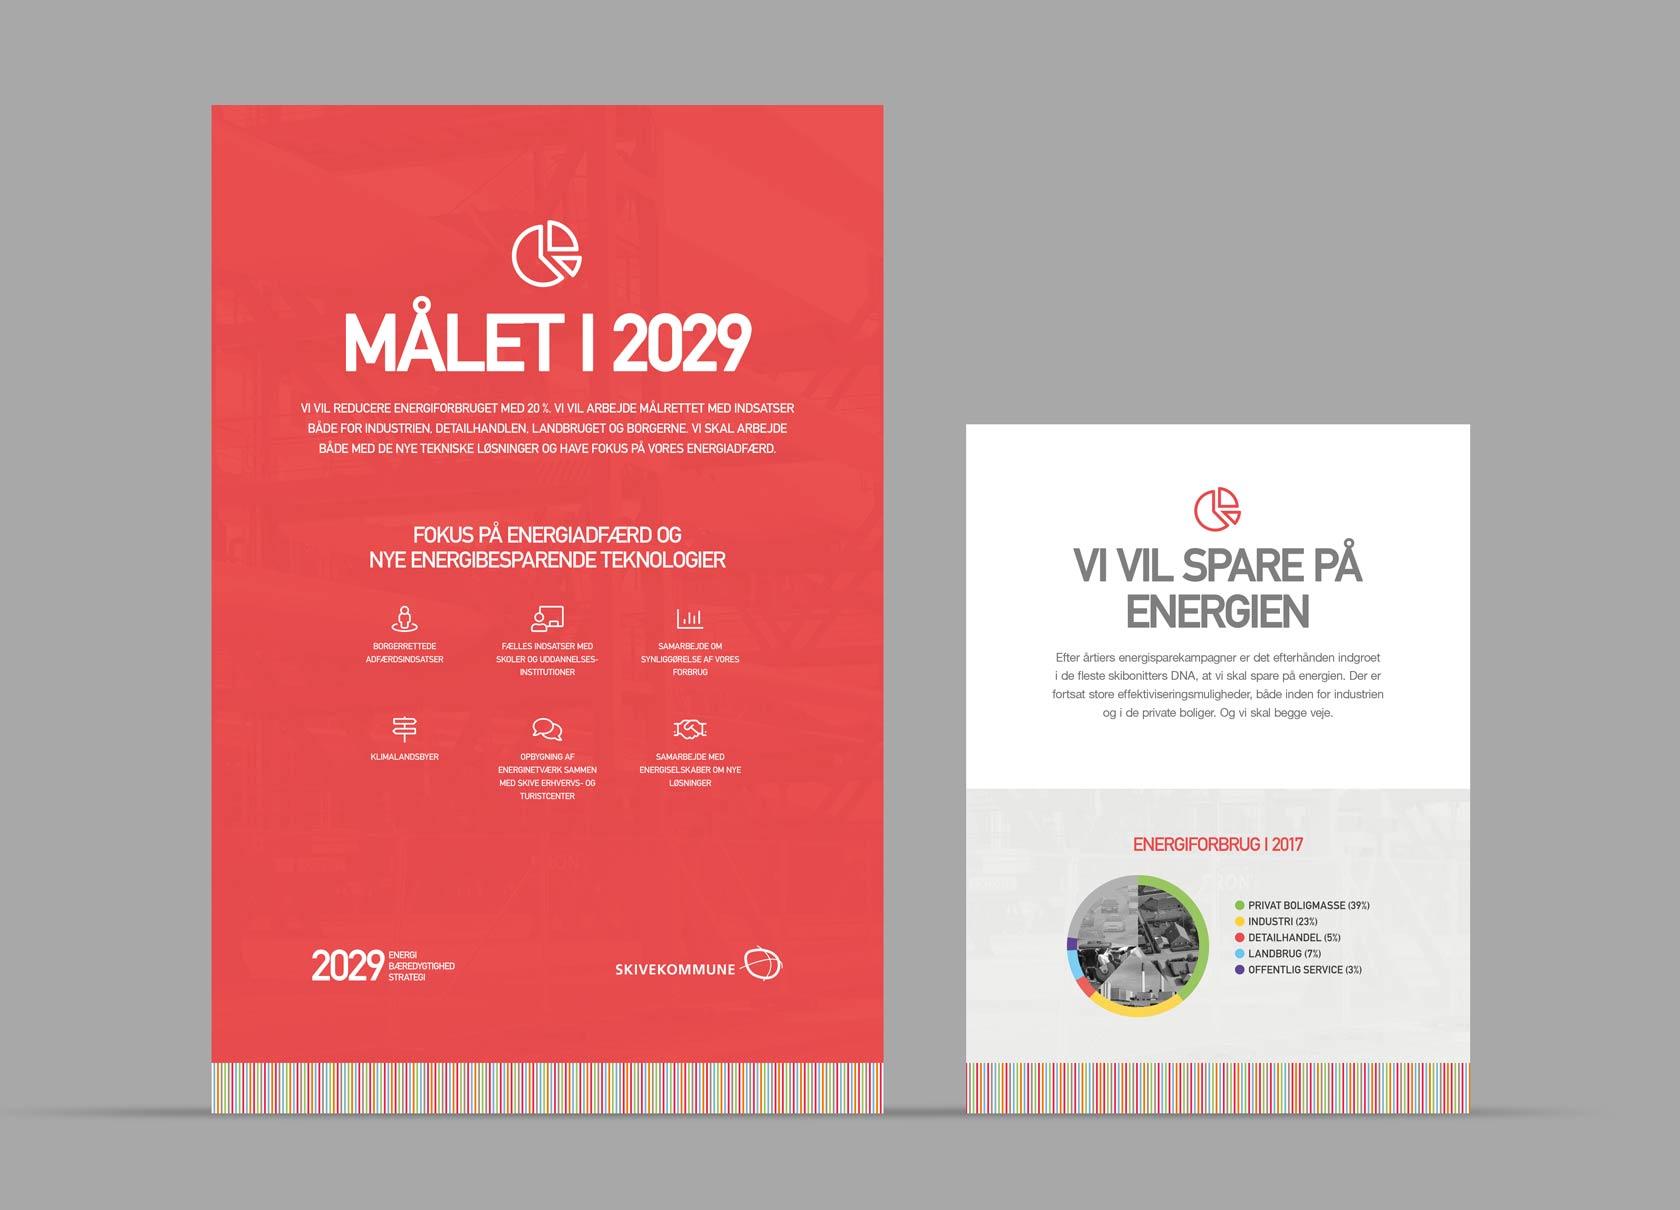 Billede der viser design og illustrationer på roll-ups til Skive Kommunes energistrategi 2022